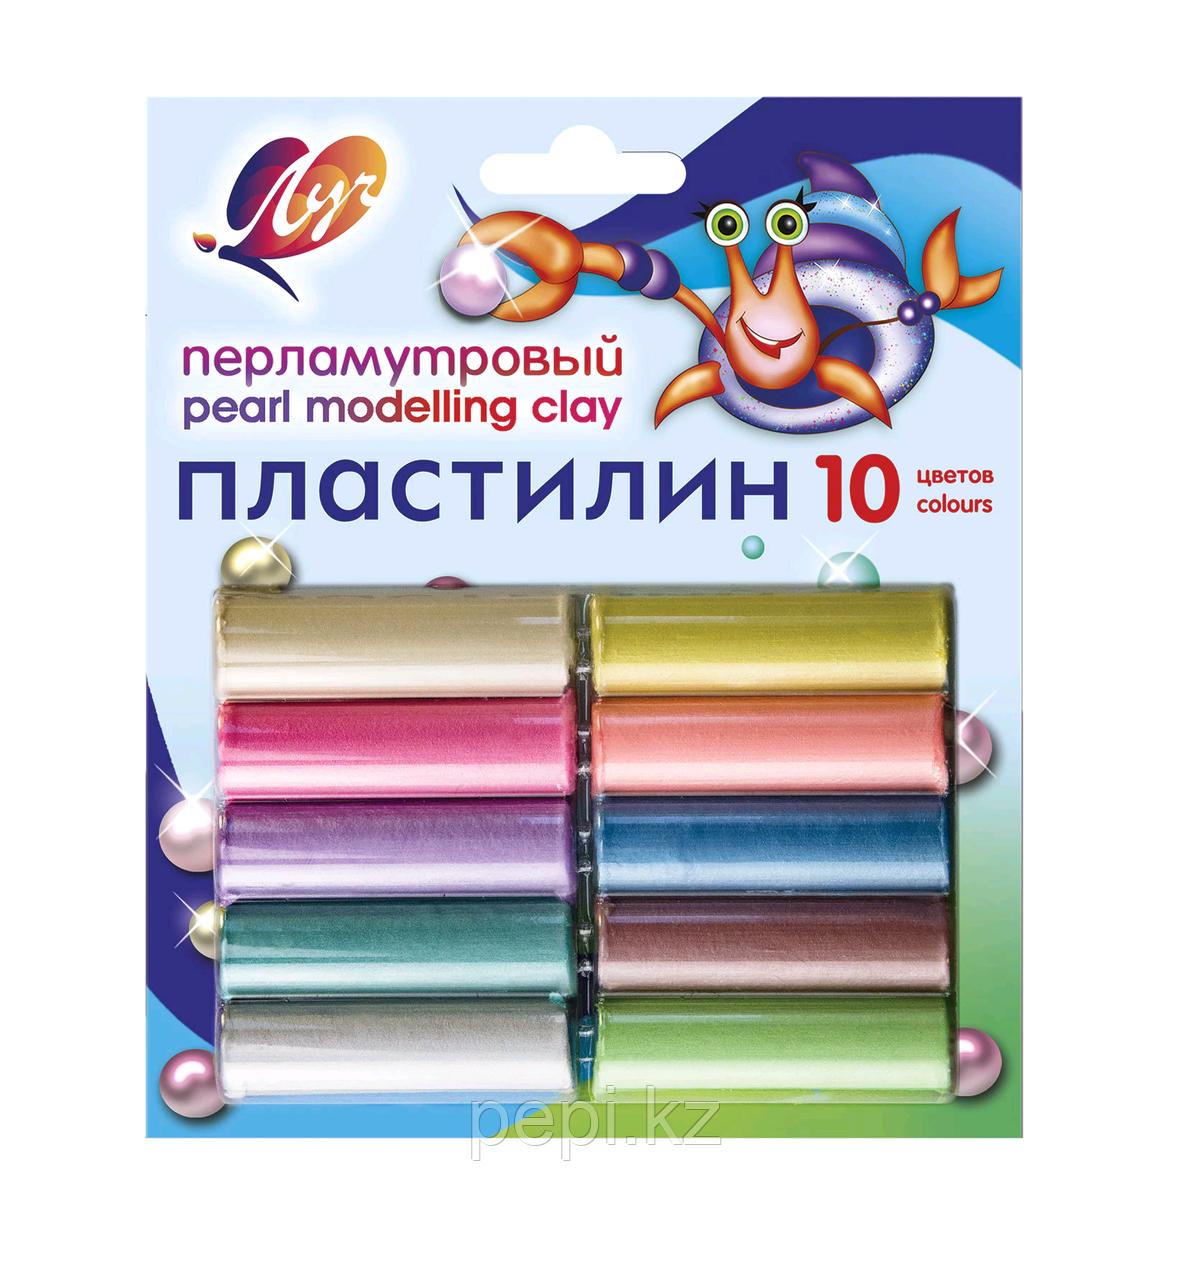 Пластилин 10цв Луч, перломутровый